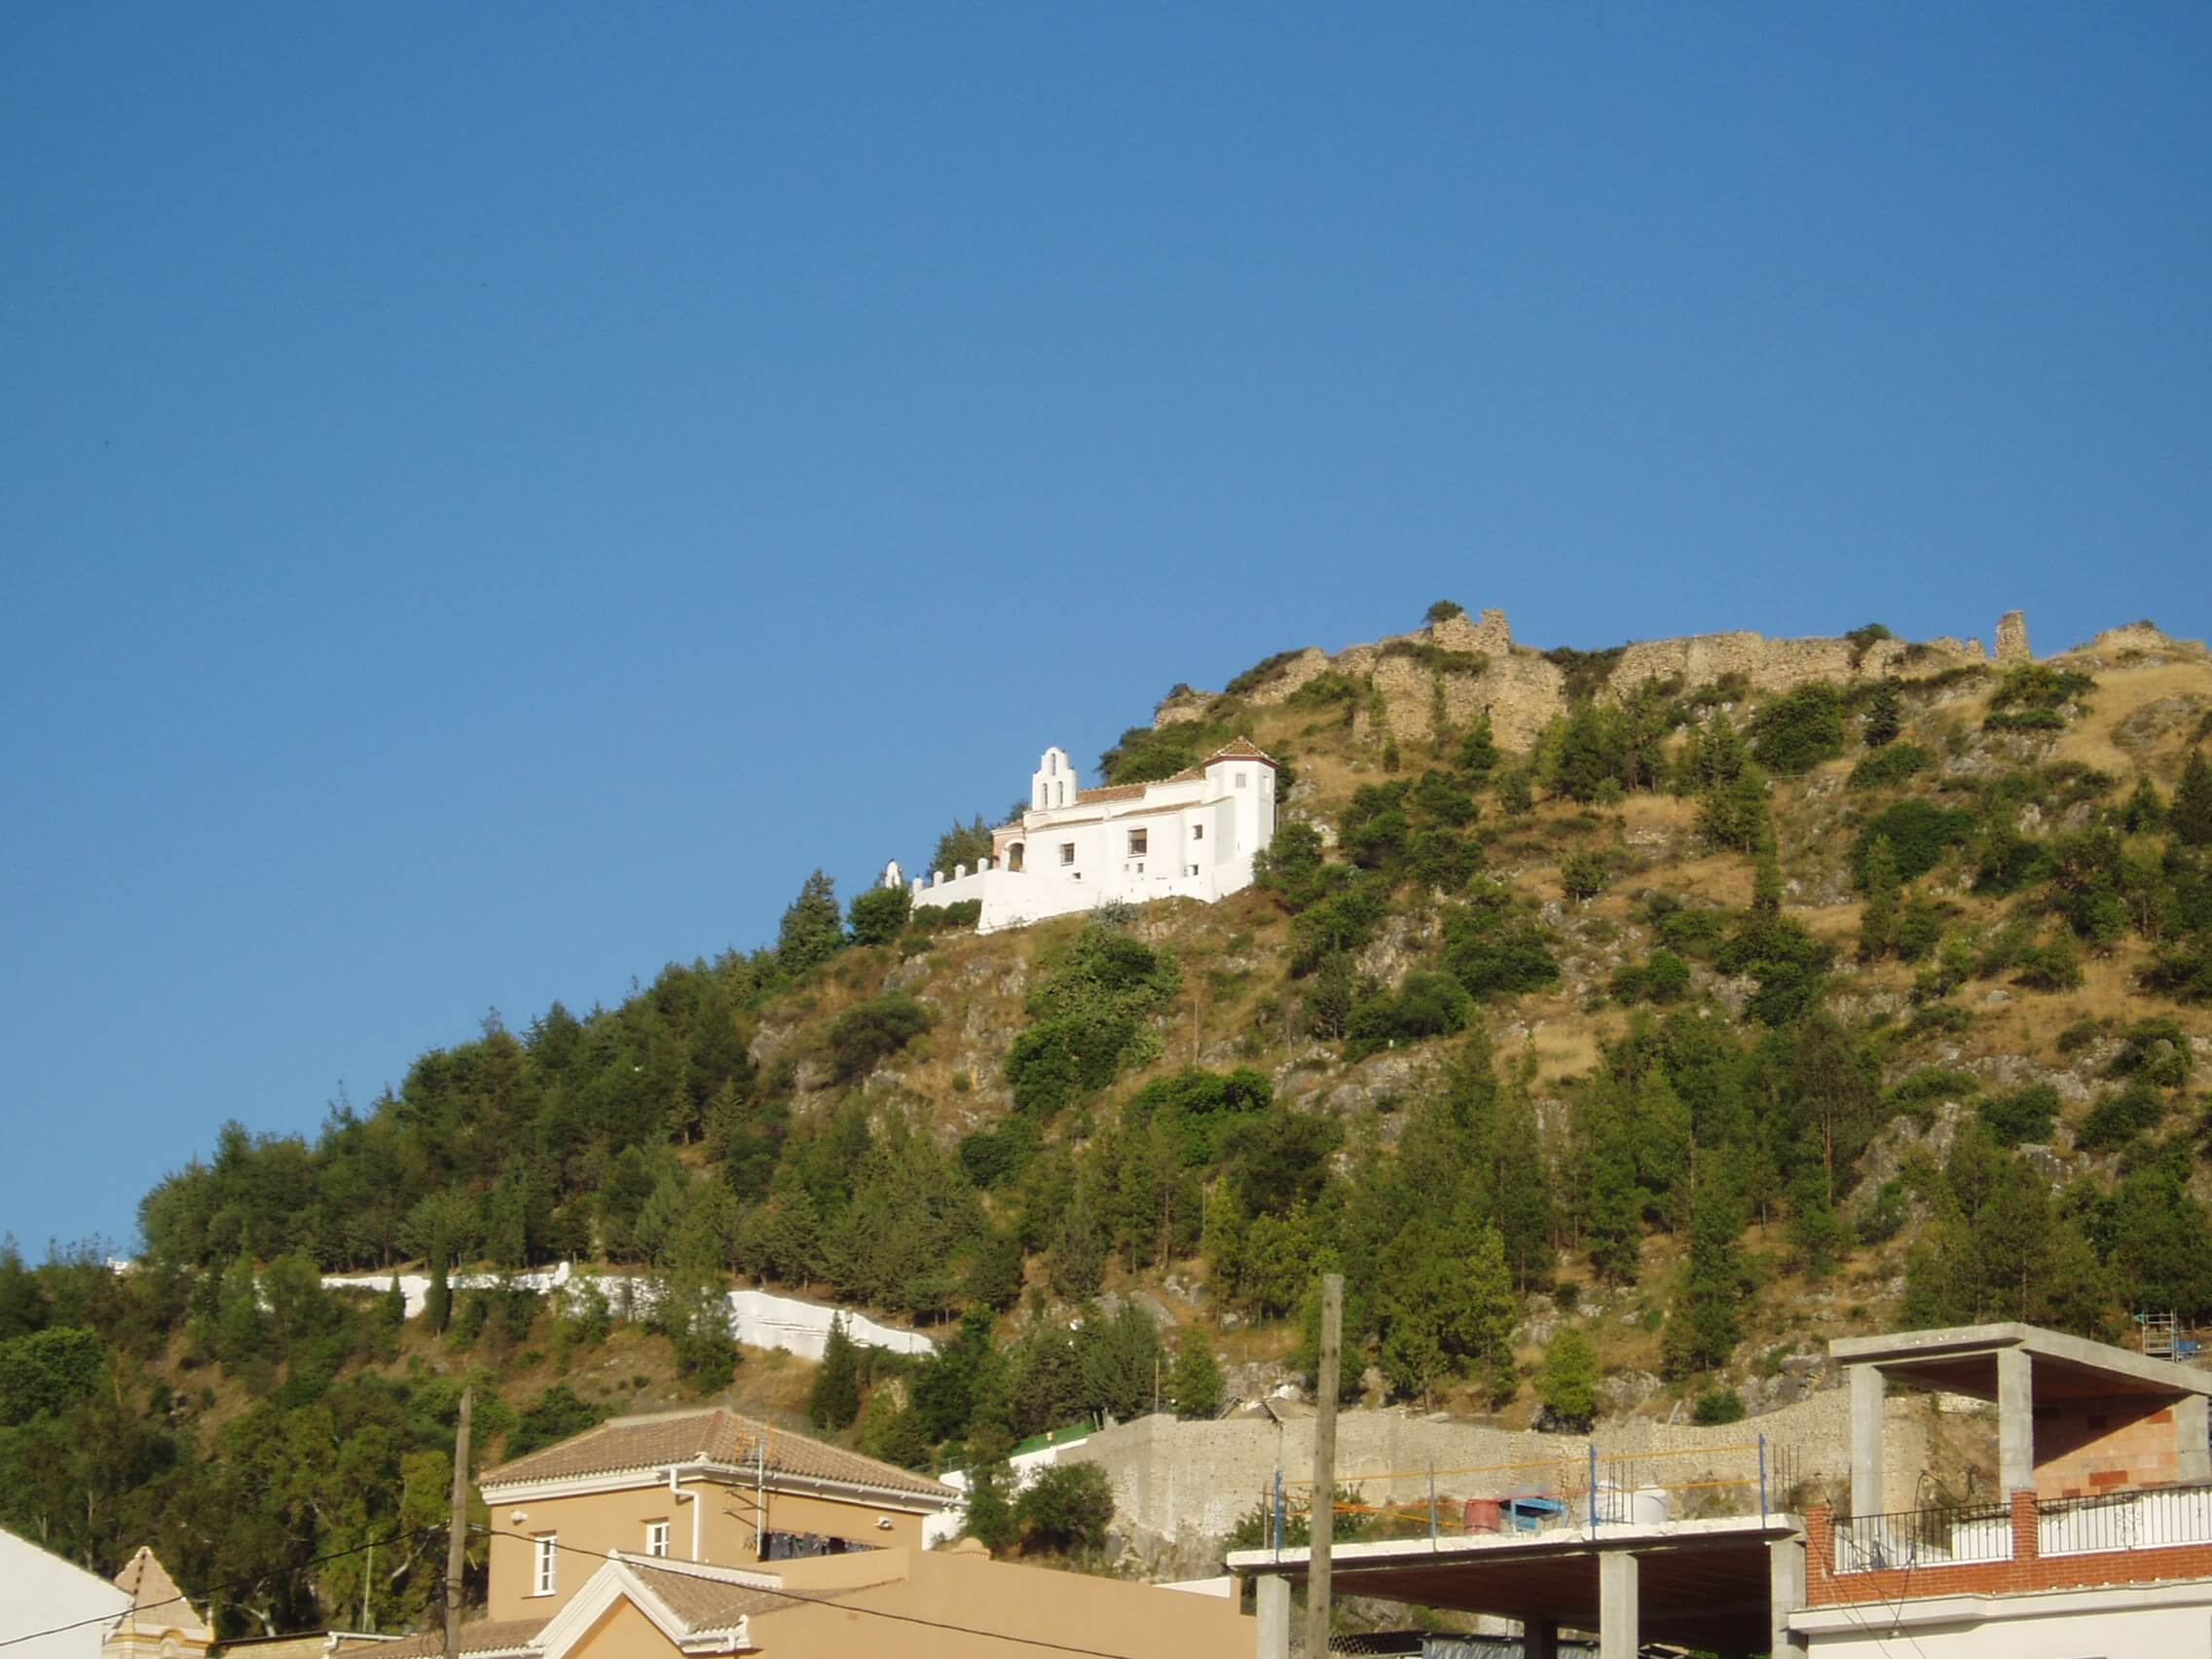 Alquileres de Casas Vacacionales en Cártama